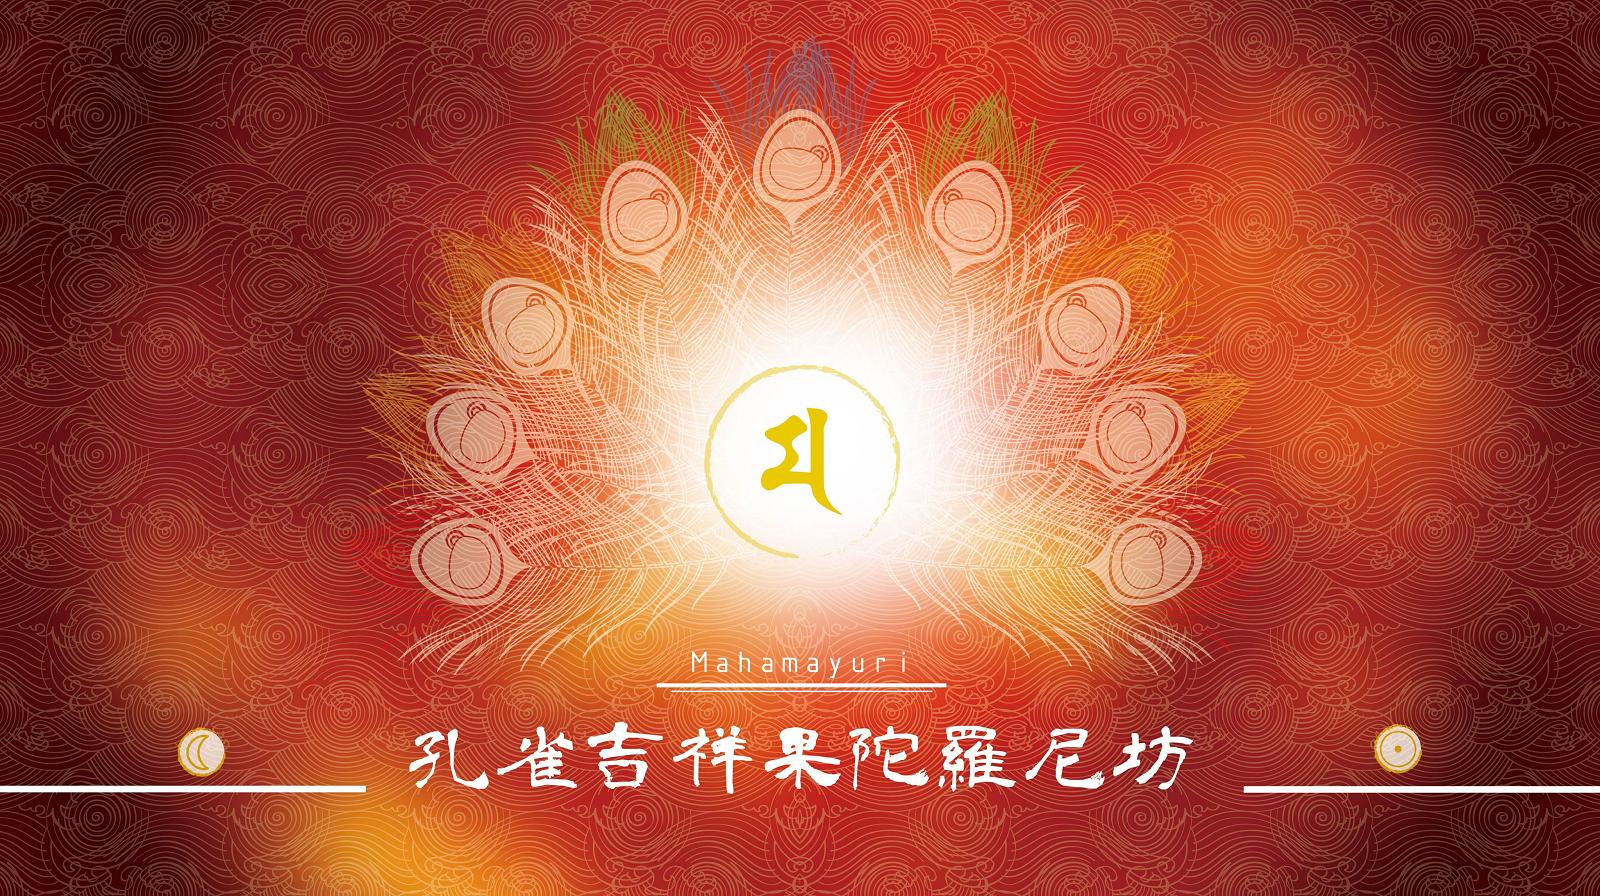 孔雀吉祥果陀羅尼坊<br>塔羅占星、能量調整